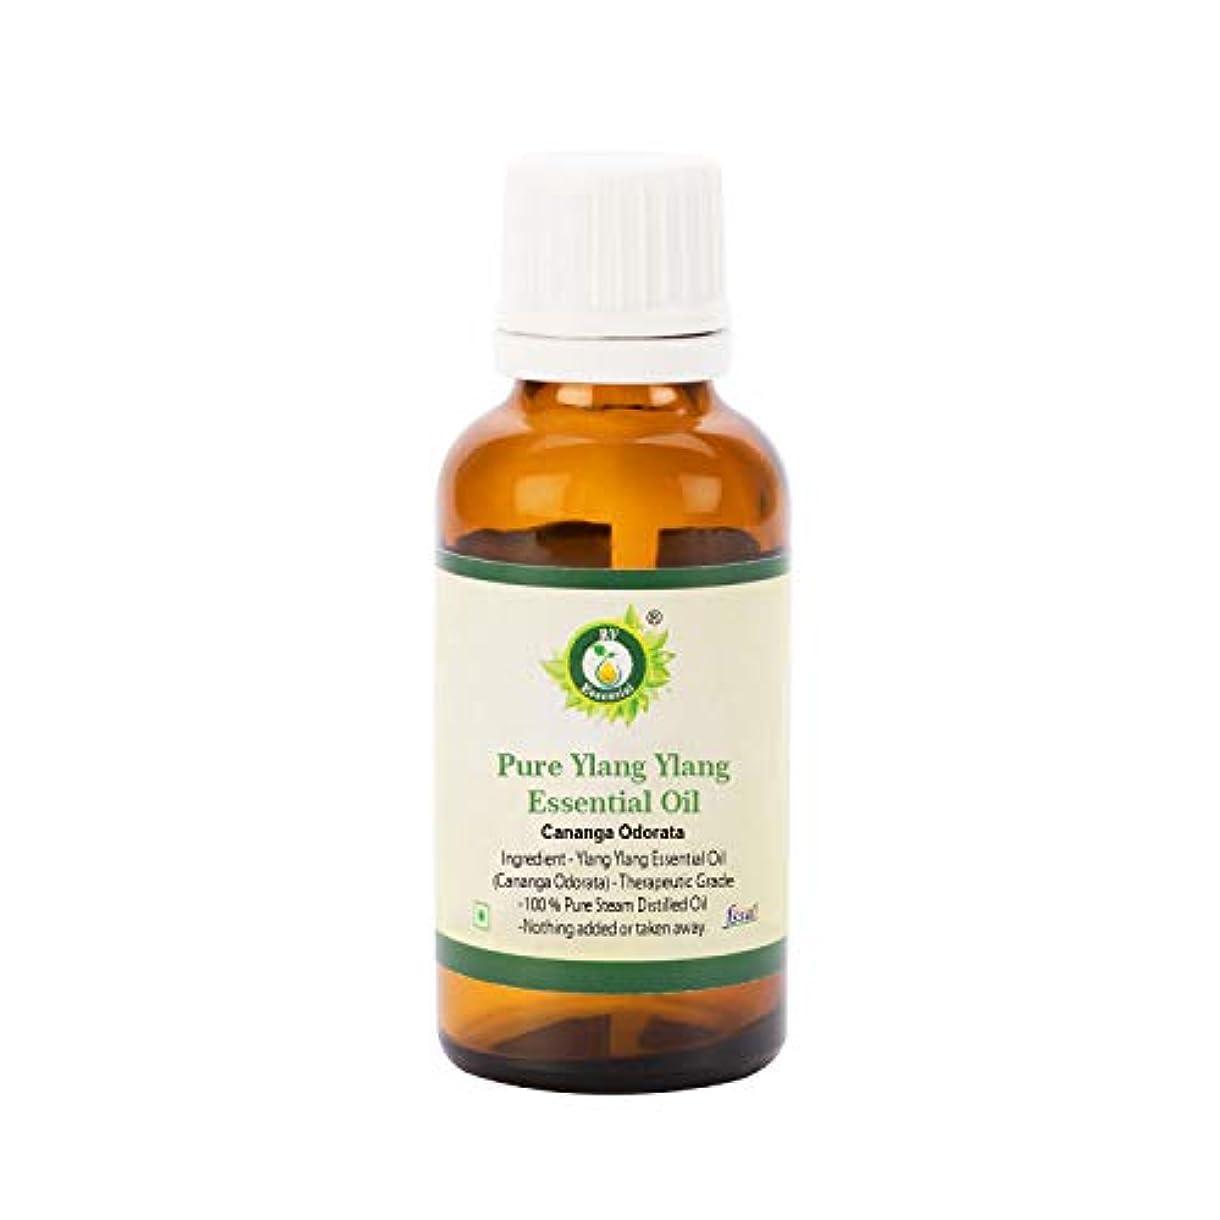 異なる皮肉な標高R V Essential ピュアイランイランエッセンシャルオイル10ml (0.338oz)- Cananga Odorata (100%純粋&天然スチームDistilled) Pure Ylang Ylang Essential...